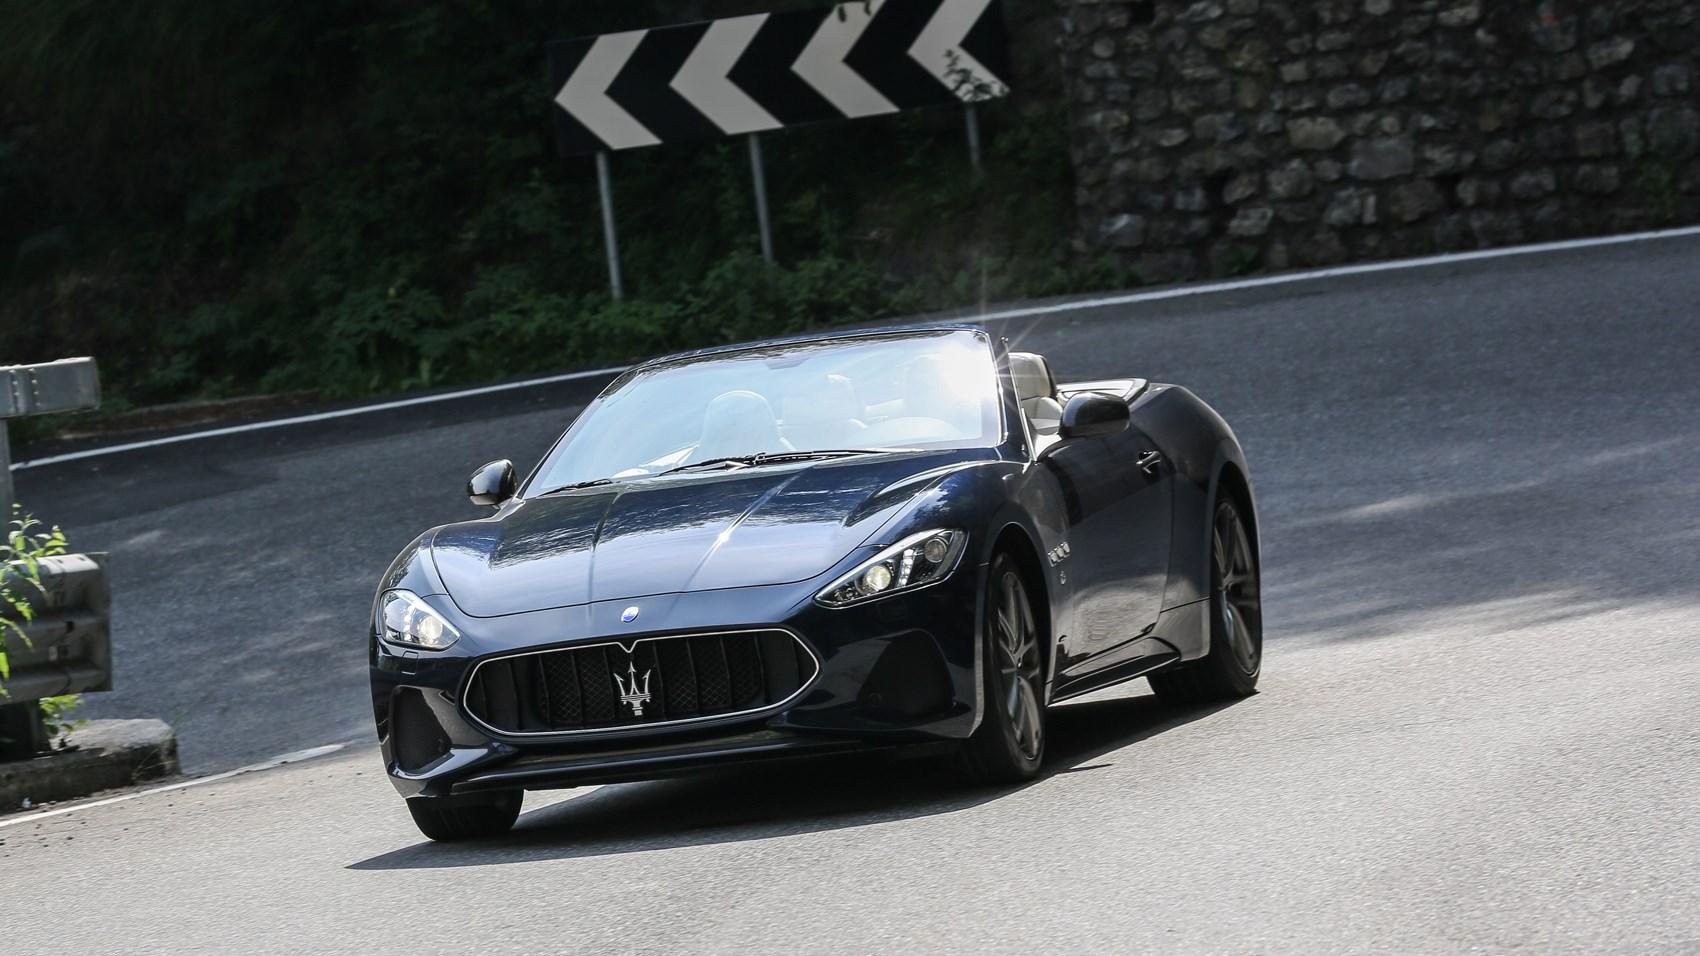 Maserati GranCabrio front cornering